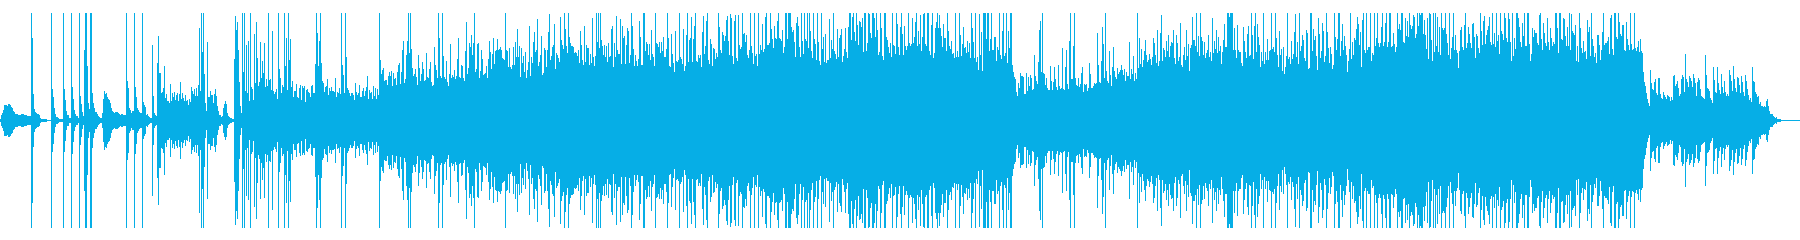 ゲームや物語向けの和風オープニング風曲の再生済みの波形